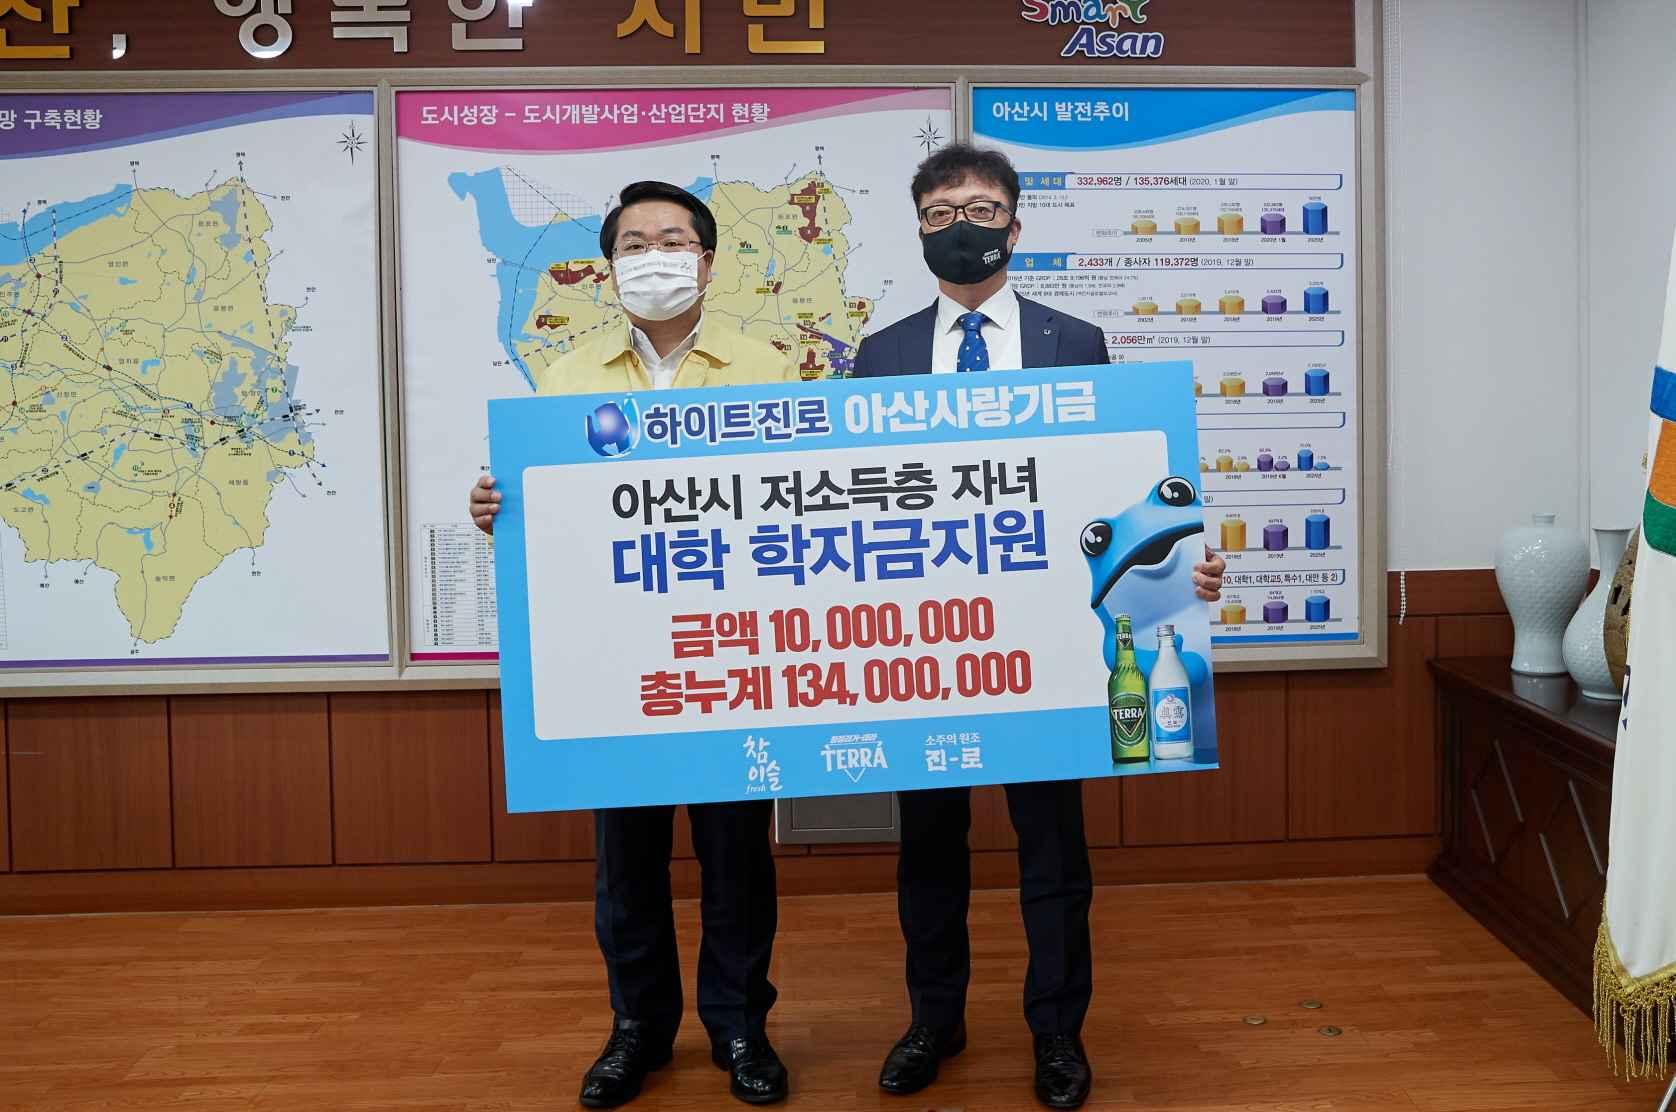 하이트진로(주) 천안지점, 아산시에 취약계층 자녀 지원 장학금 전달 관련사진